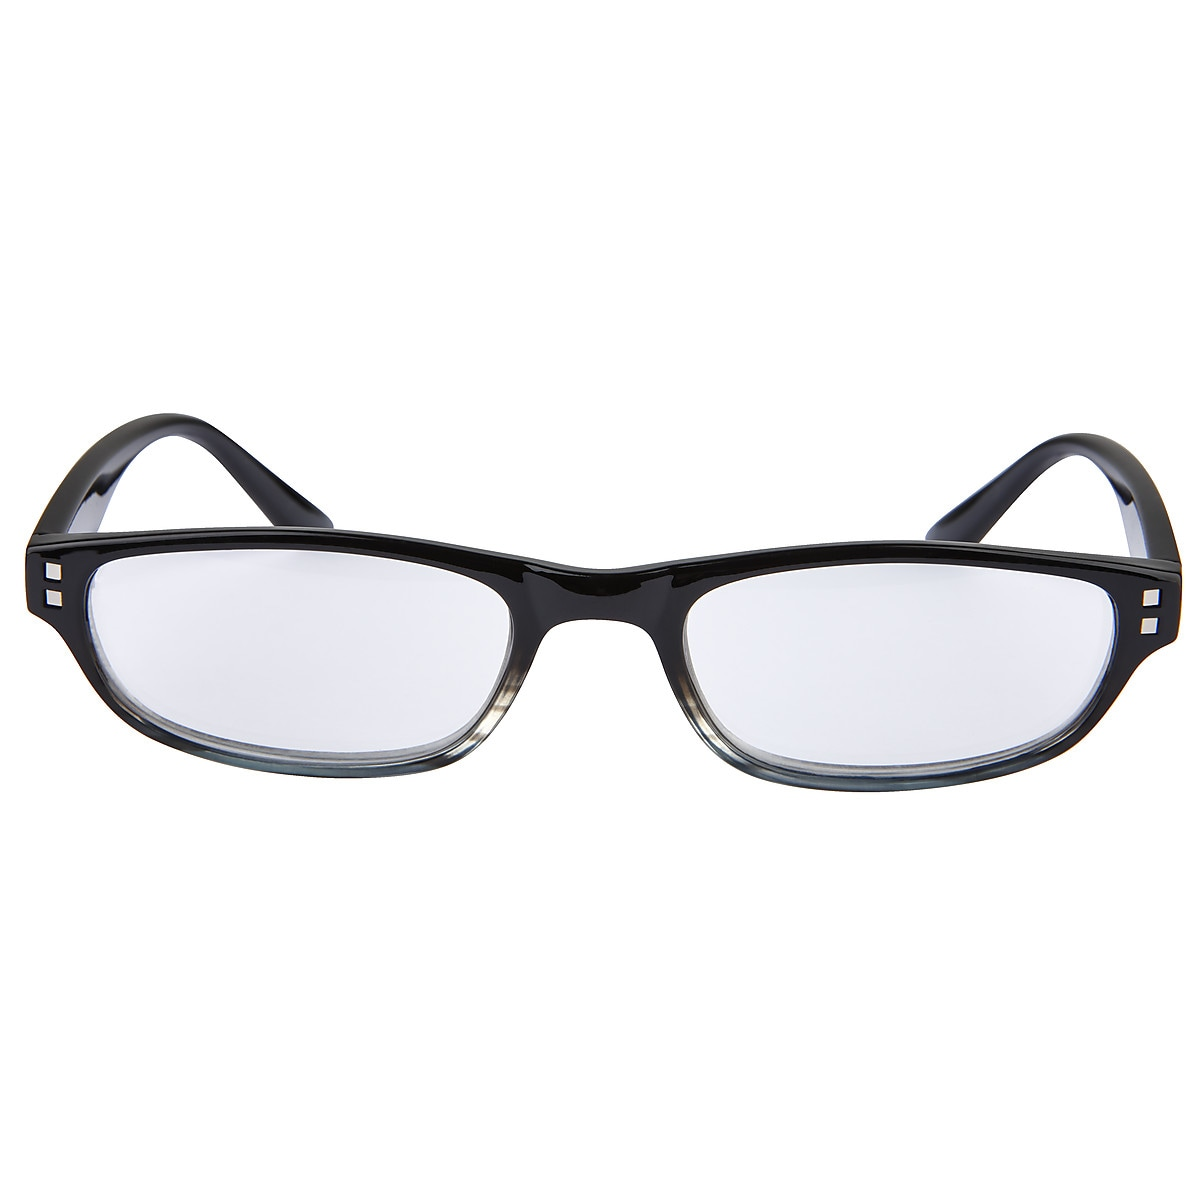 Läsglasögon plast, 3-pack